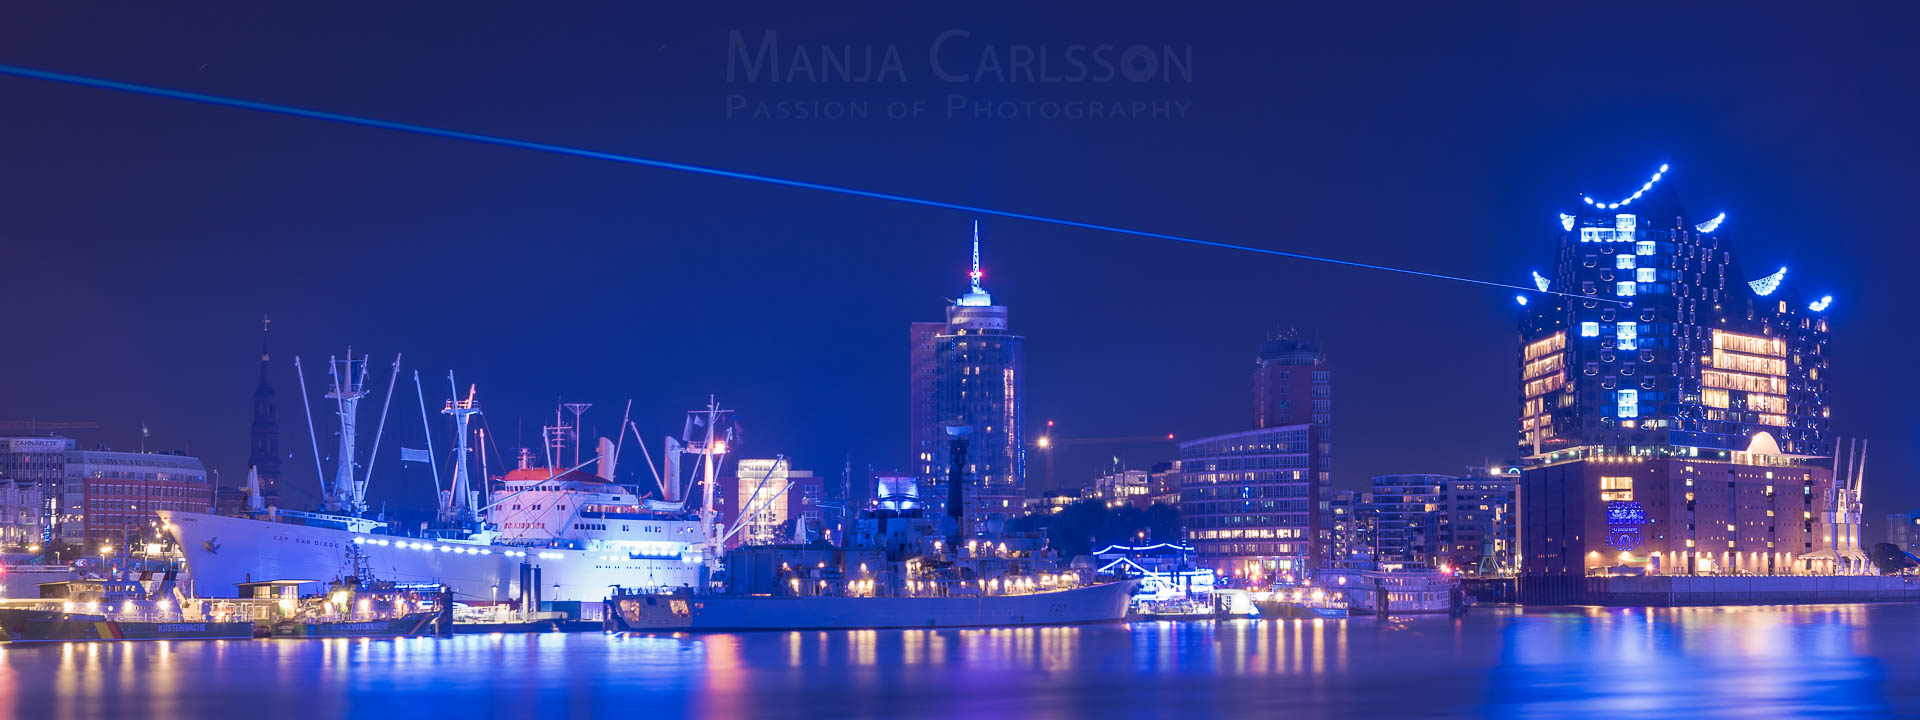 Blue Port 2017 - Elbphilharmonie mit DESY Laserstrahl ueber Cap